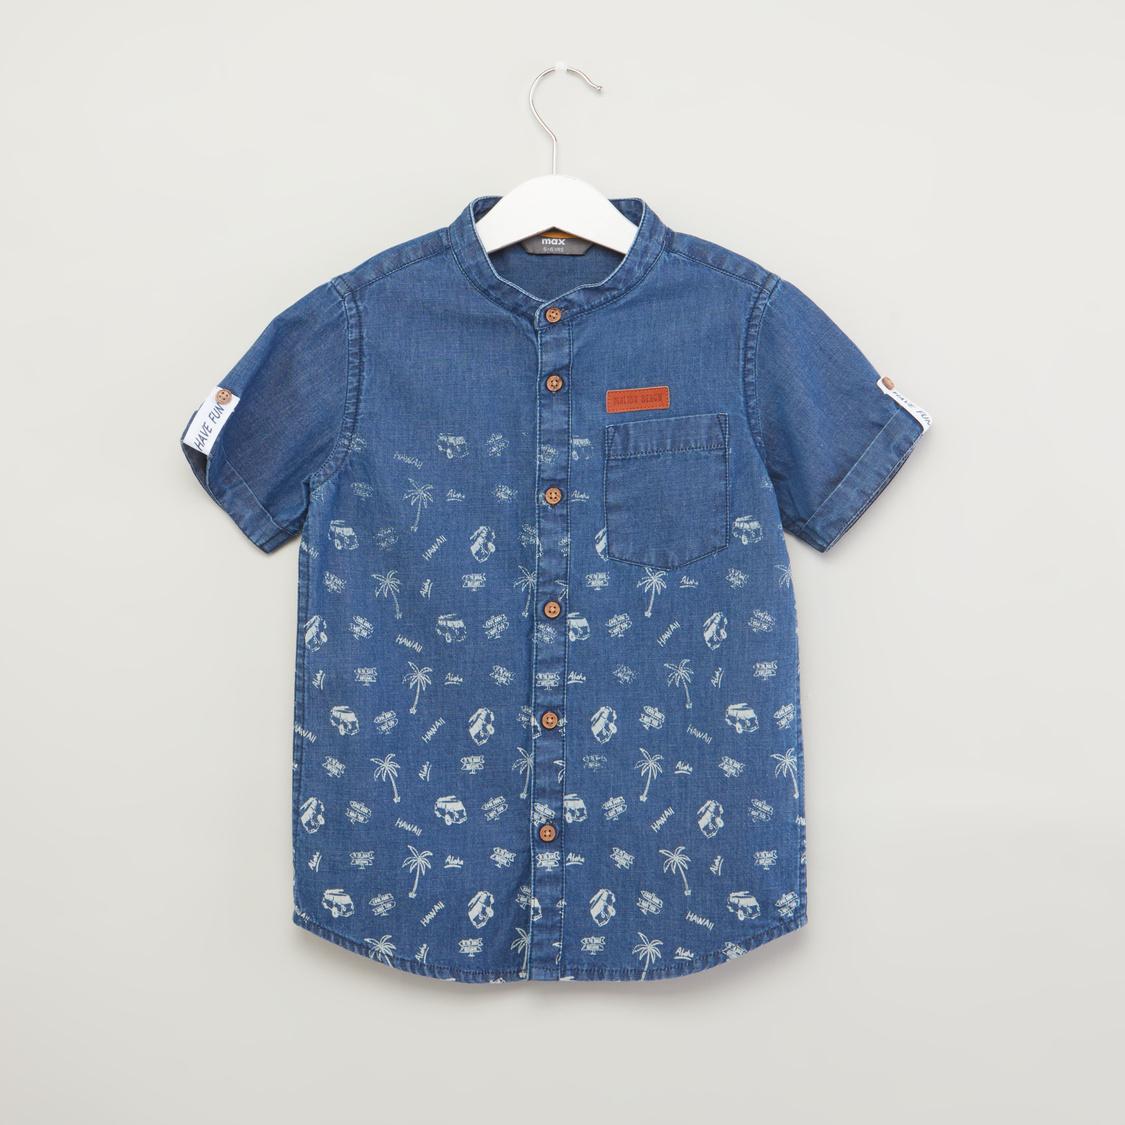 قميص بياقة عاديّة وأكمام طويلة مع تفاصيل جيب وطبعات